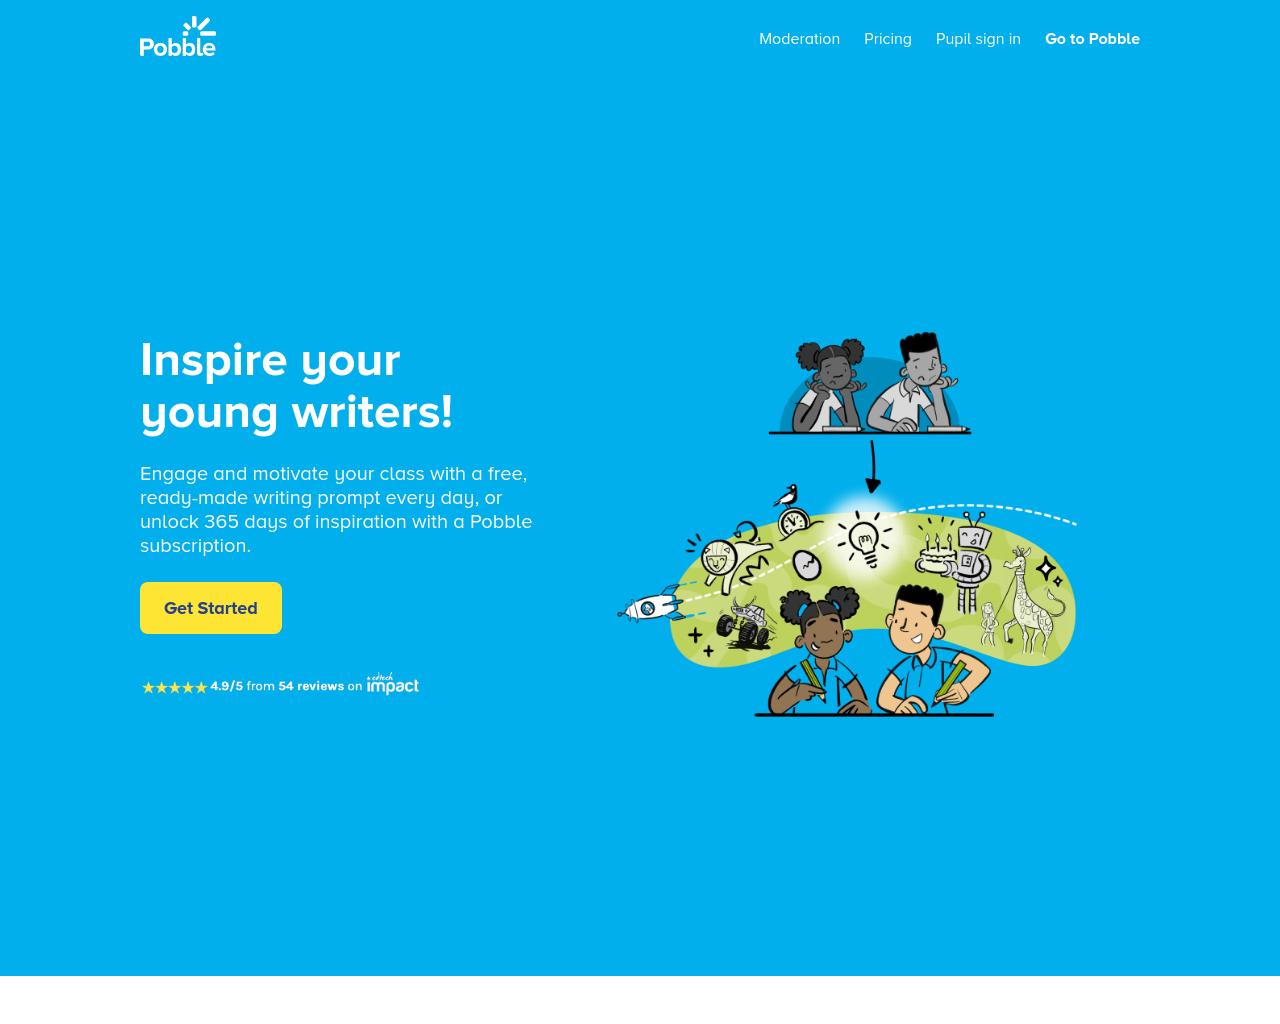 Pobble365